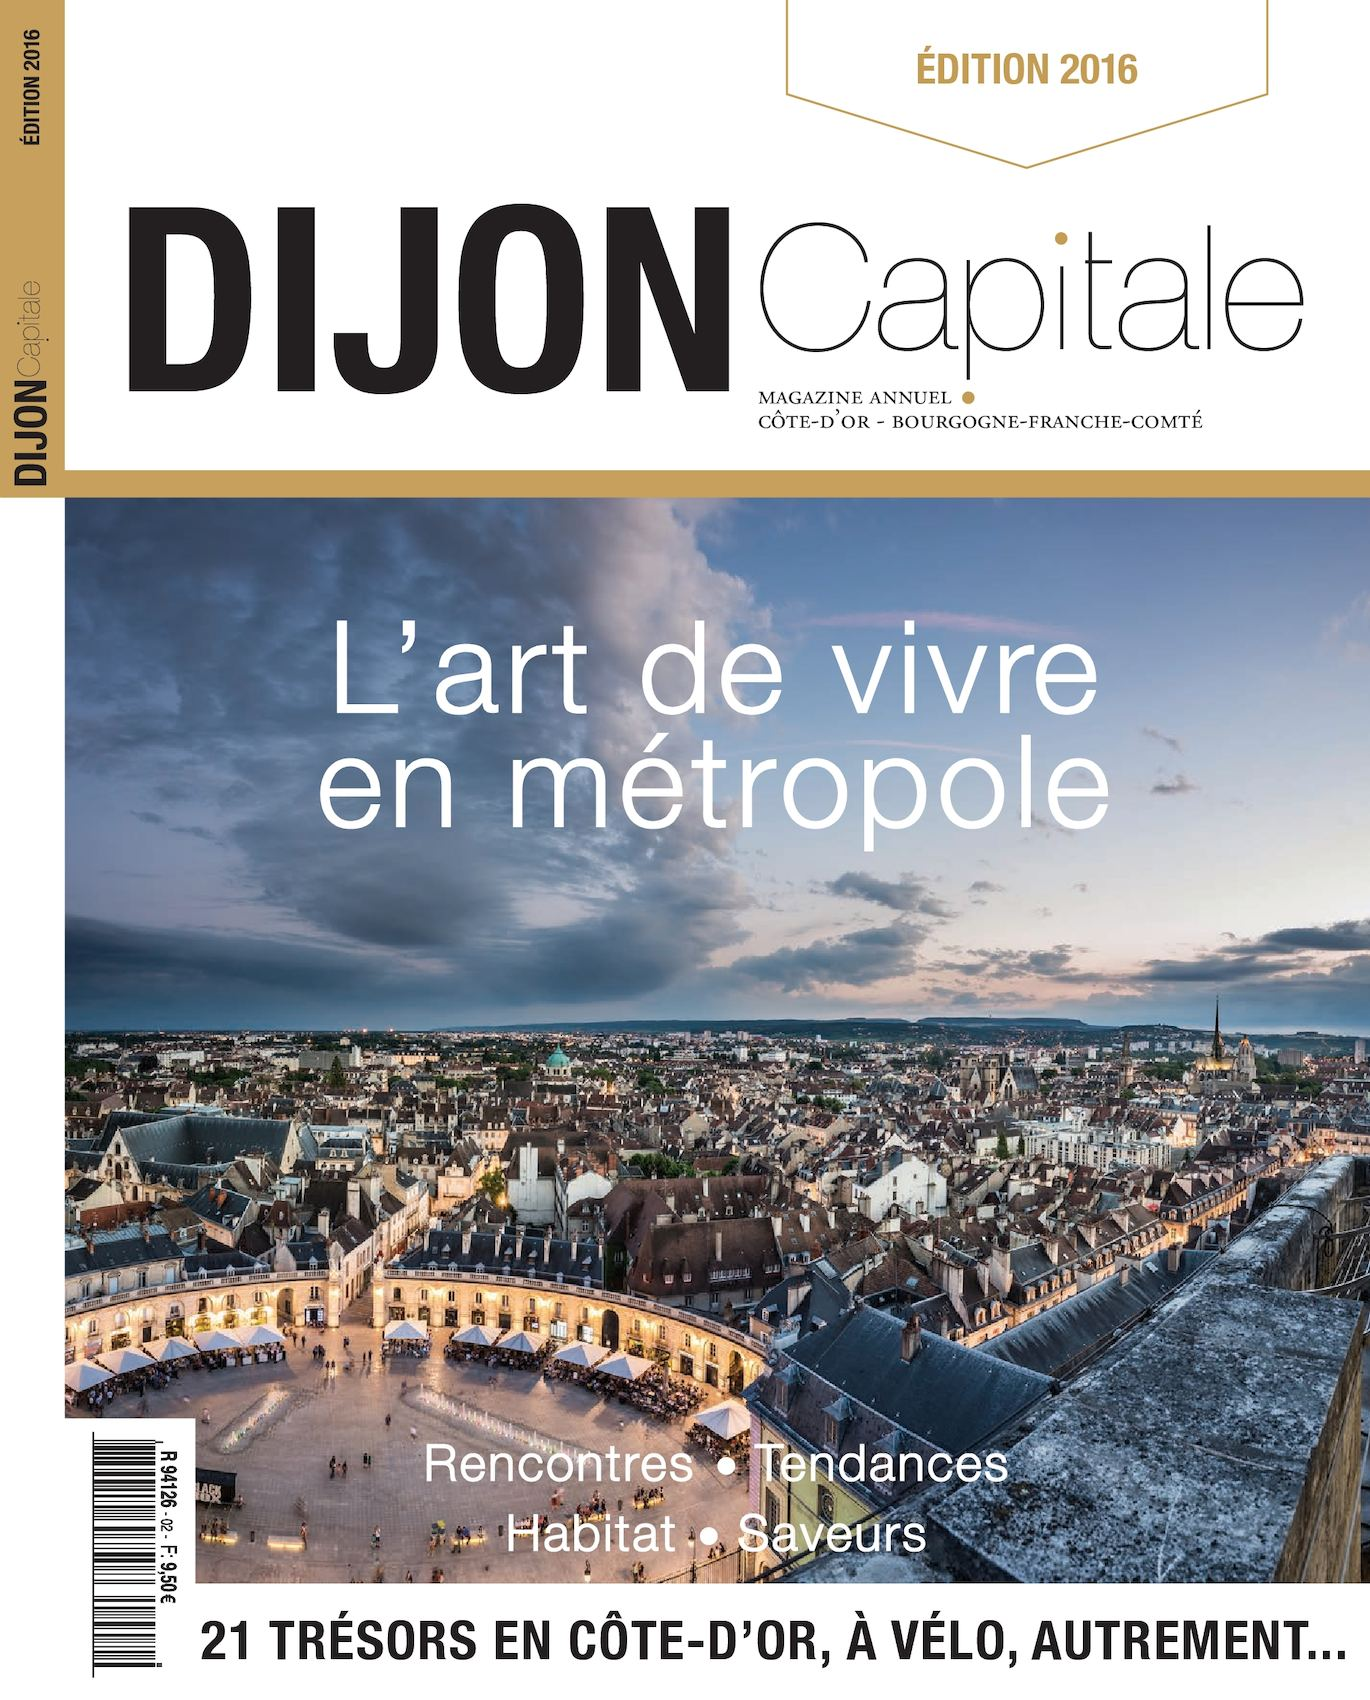 Calaméo - Dijon Capitale N°2 7e2594386a7